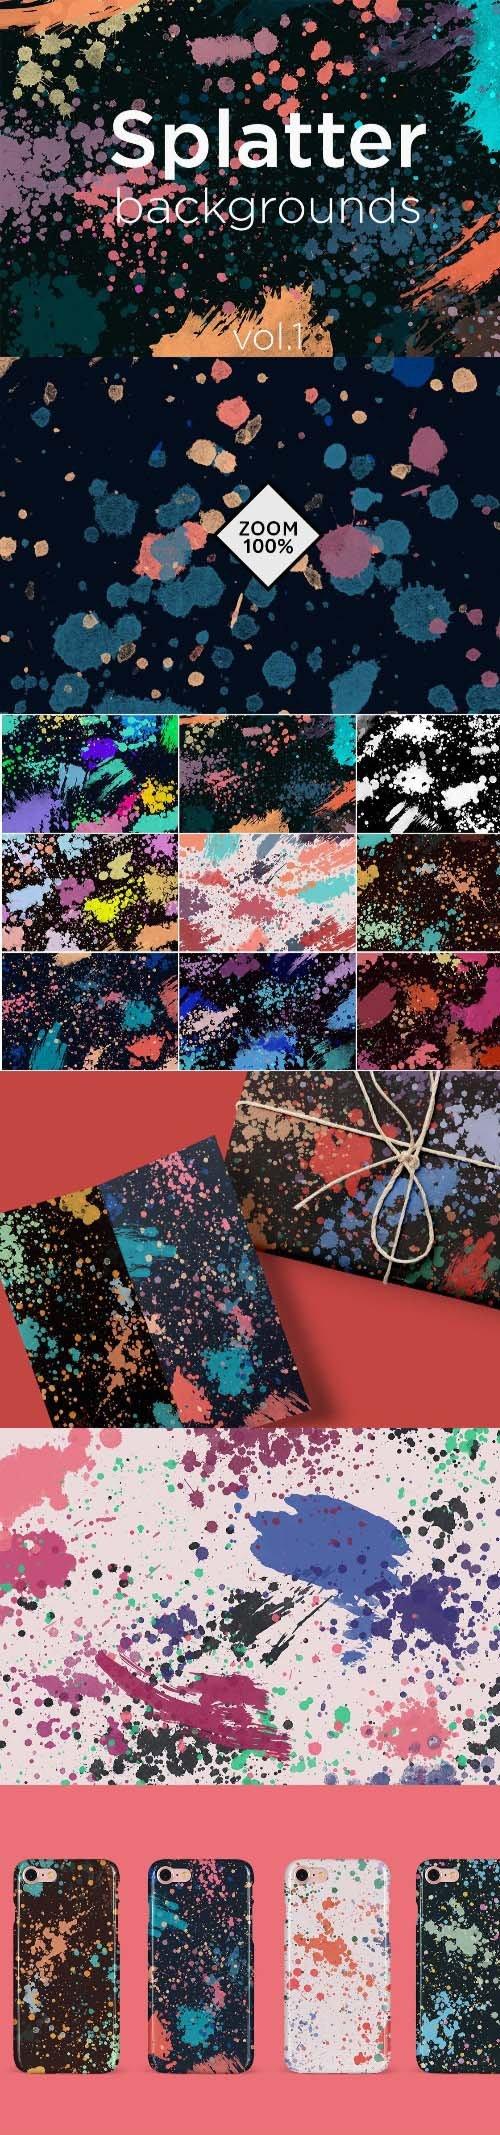 Splatter Backgrounds 1